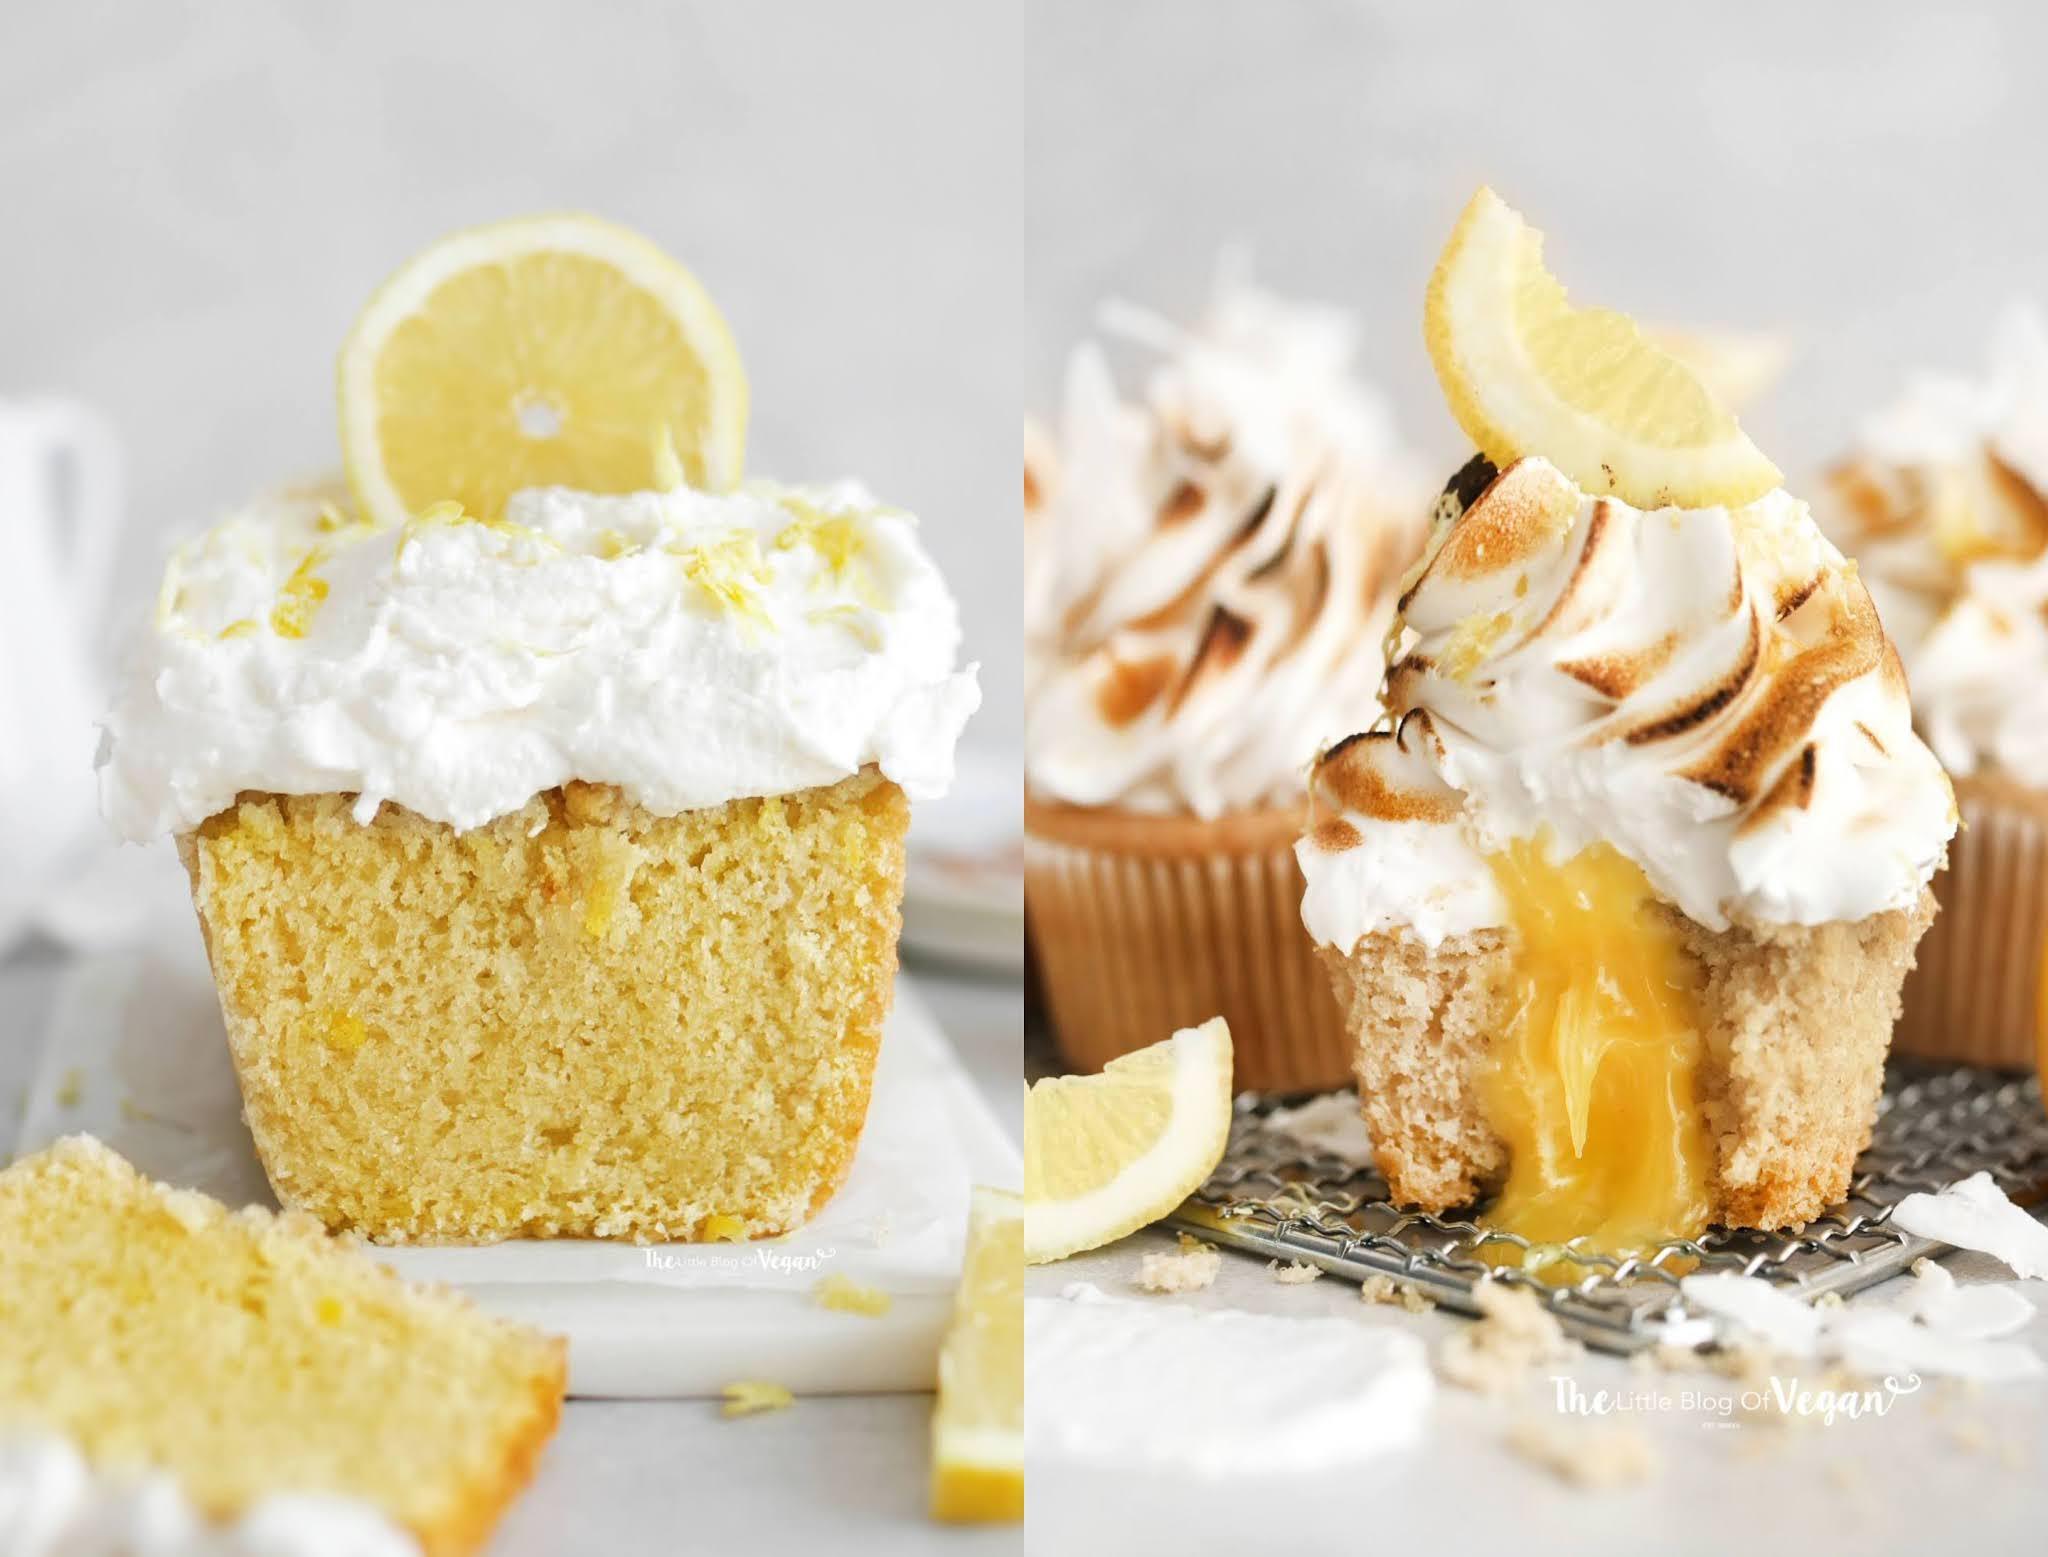 Vegan Lemon. cupcakes and Lemon Loaf Cake